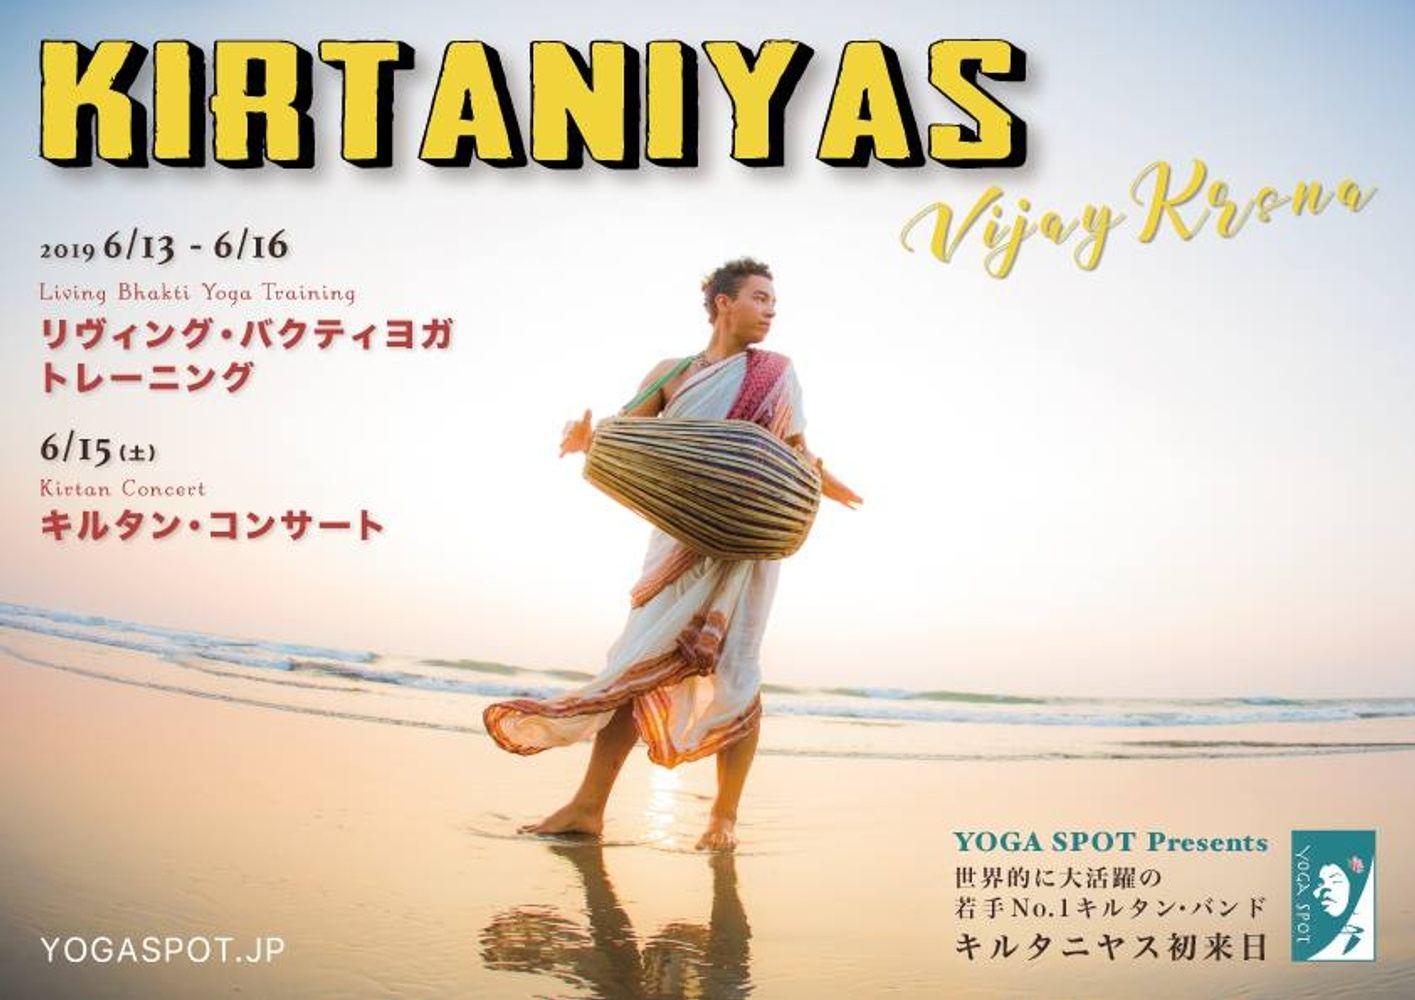 Kirtaniyas初来日!リヴィング・バクティヨガ・トレーニング